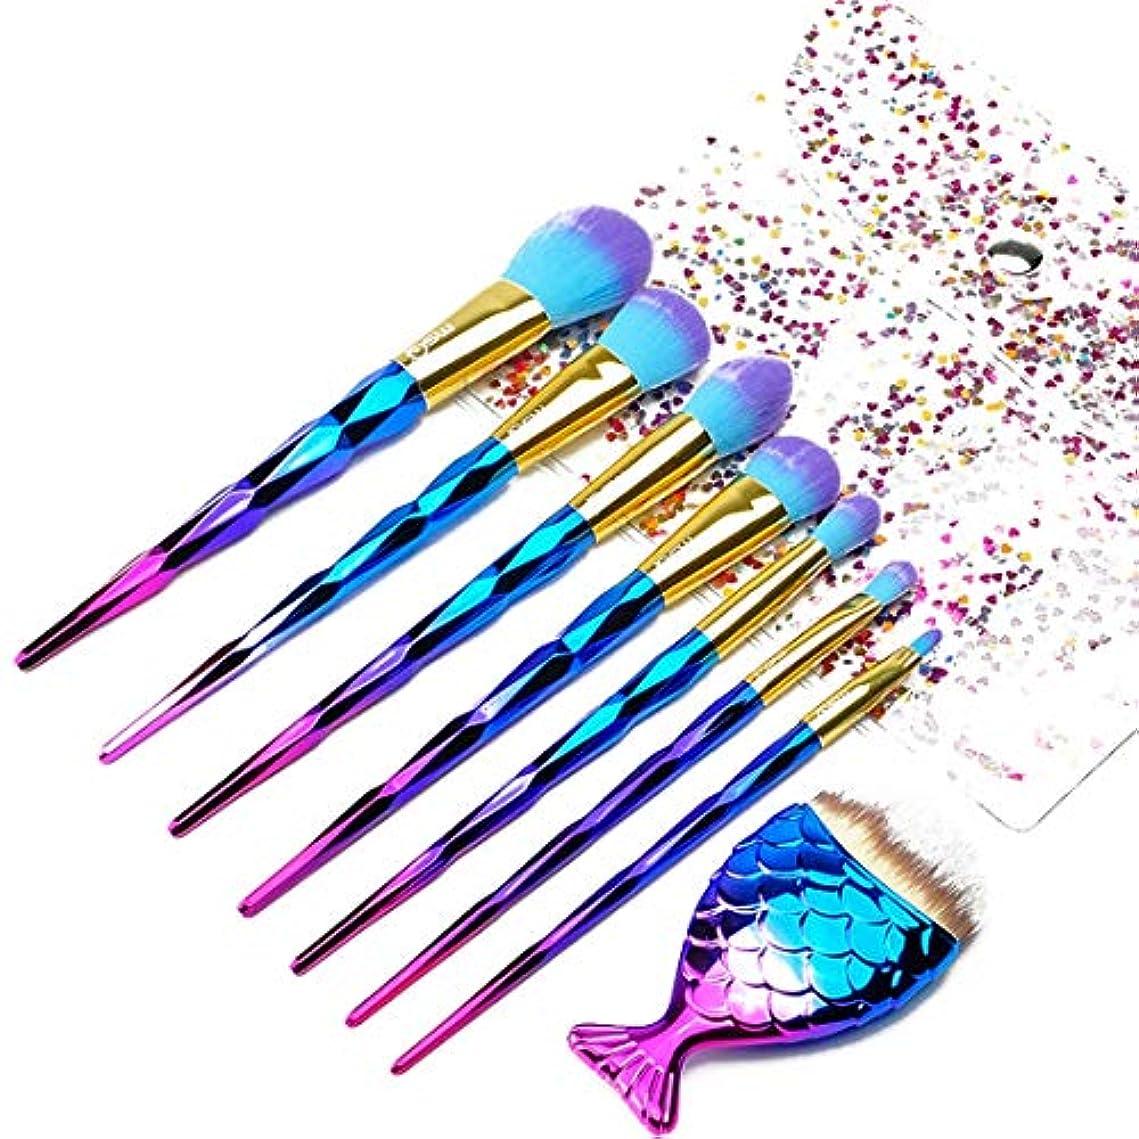 添加剤原点指定する辽阳世纪电子产品贸易中心 FUYZBメイクブラシ、Angelabasics 7PCS /セットメイクアップブラシファンデーションアイシャドーブラッシャーパウダーブレンド化粧ブラシメイクブラシセット (色 : Gradient)